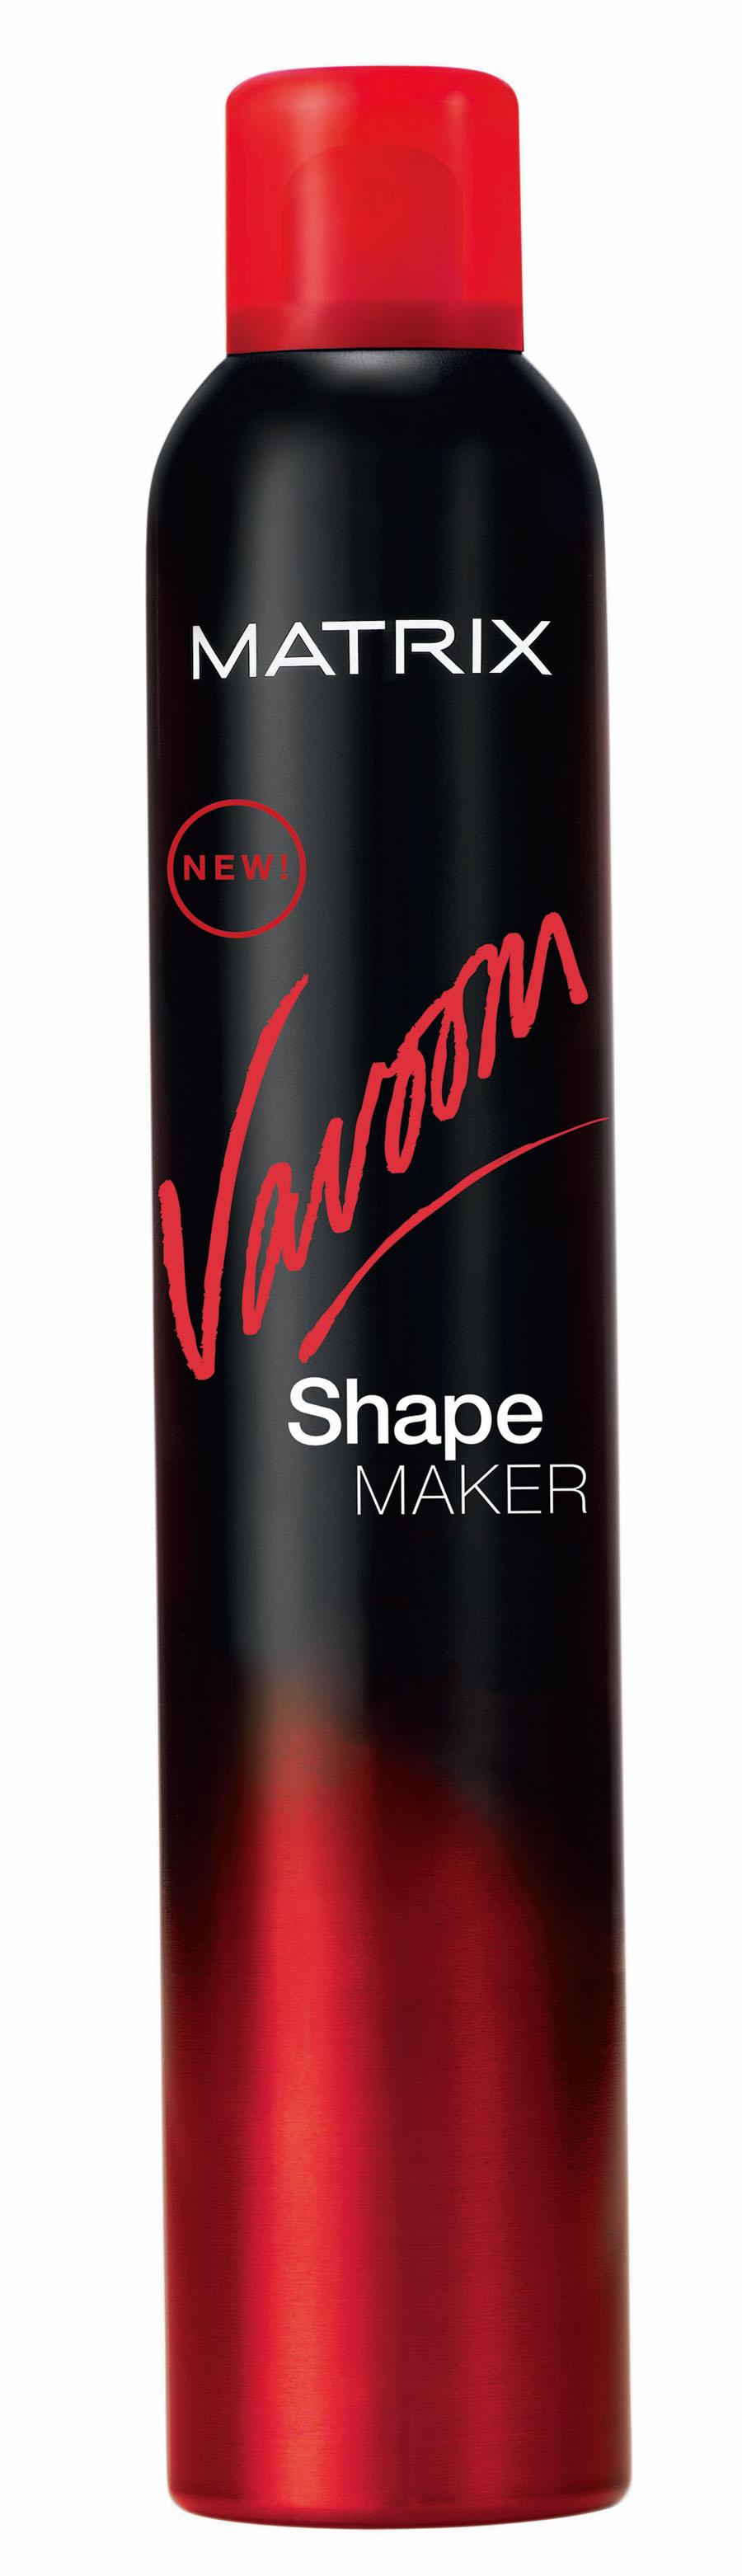 9- Matrix Spray Shape Maker Vavoom, R$ 66: garante volume e modela o cabelo ao mesmo tempo em que o deixa ultramacio. Matrix 0800-7017237